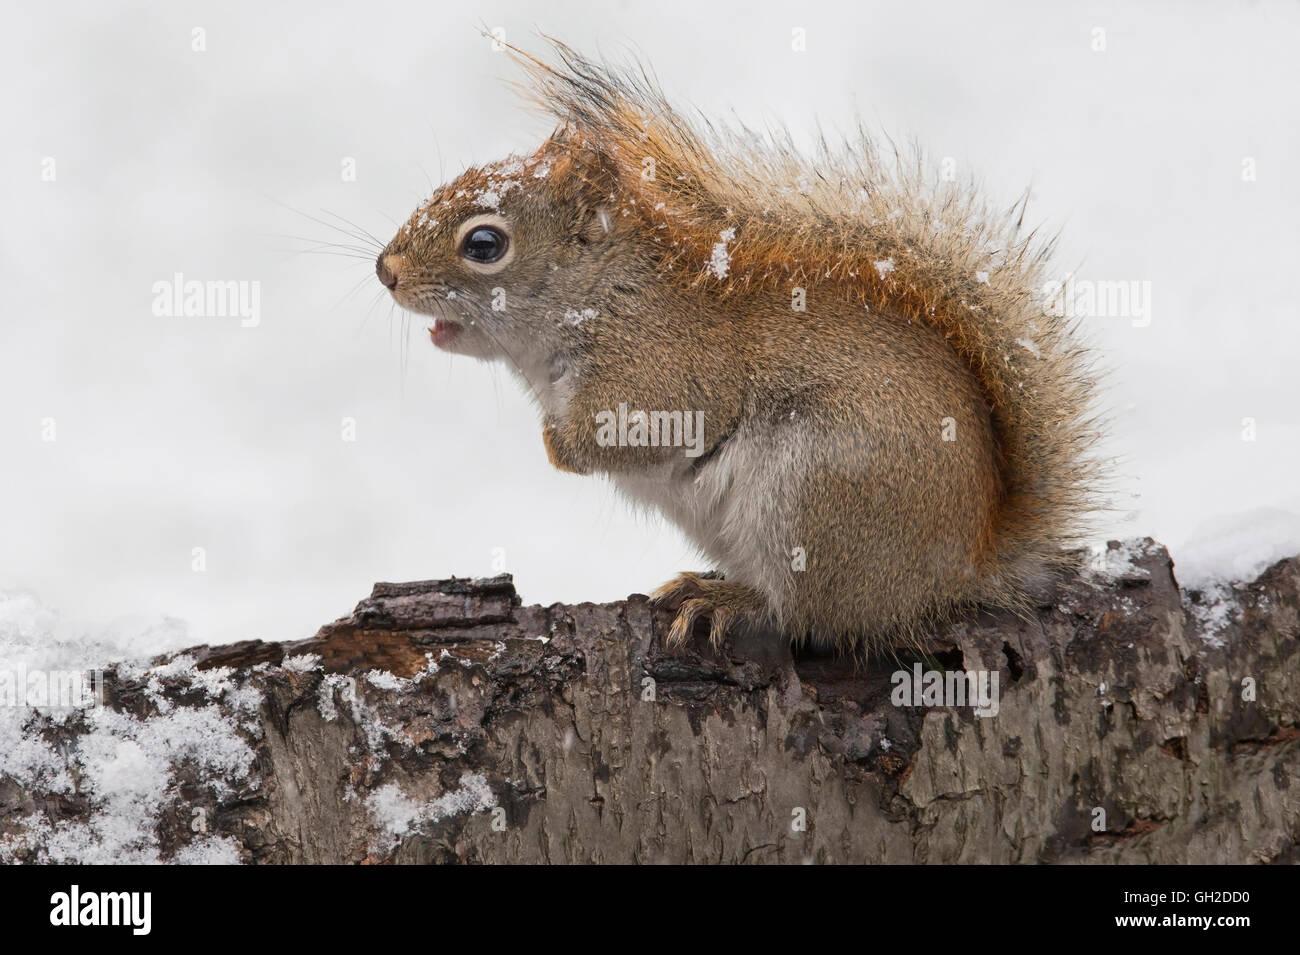 Eastern Red Squirrel hunting for food (Tamiasciurus or Sciurus hudsonicus), Winter, E North America Stock Photo